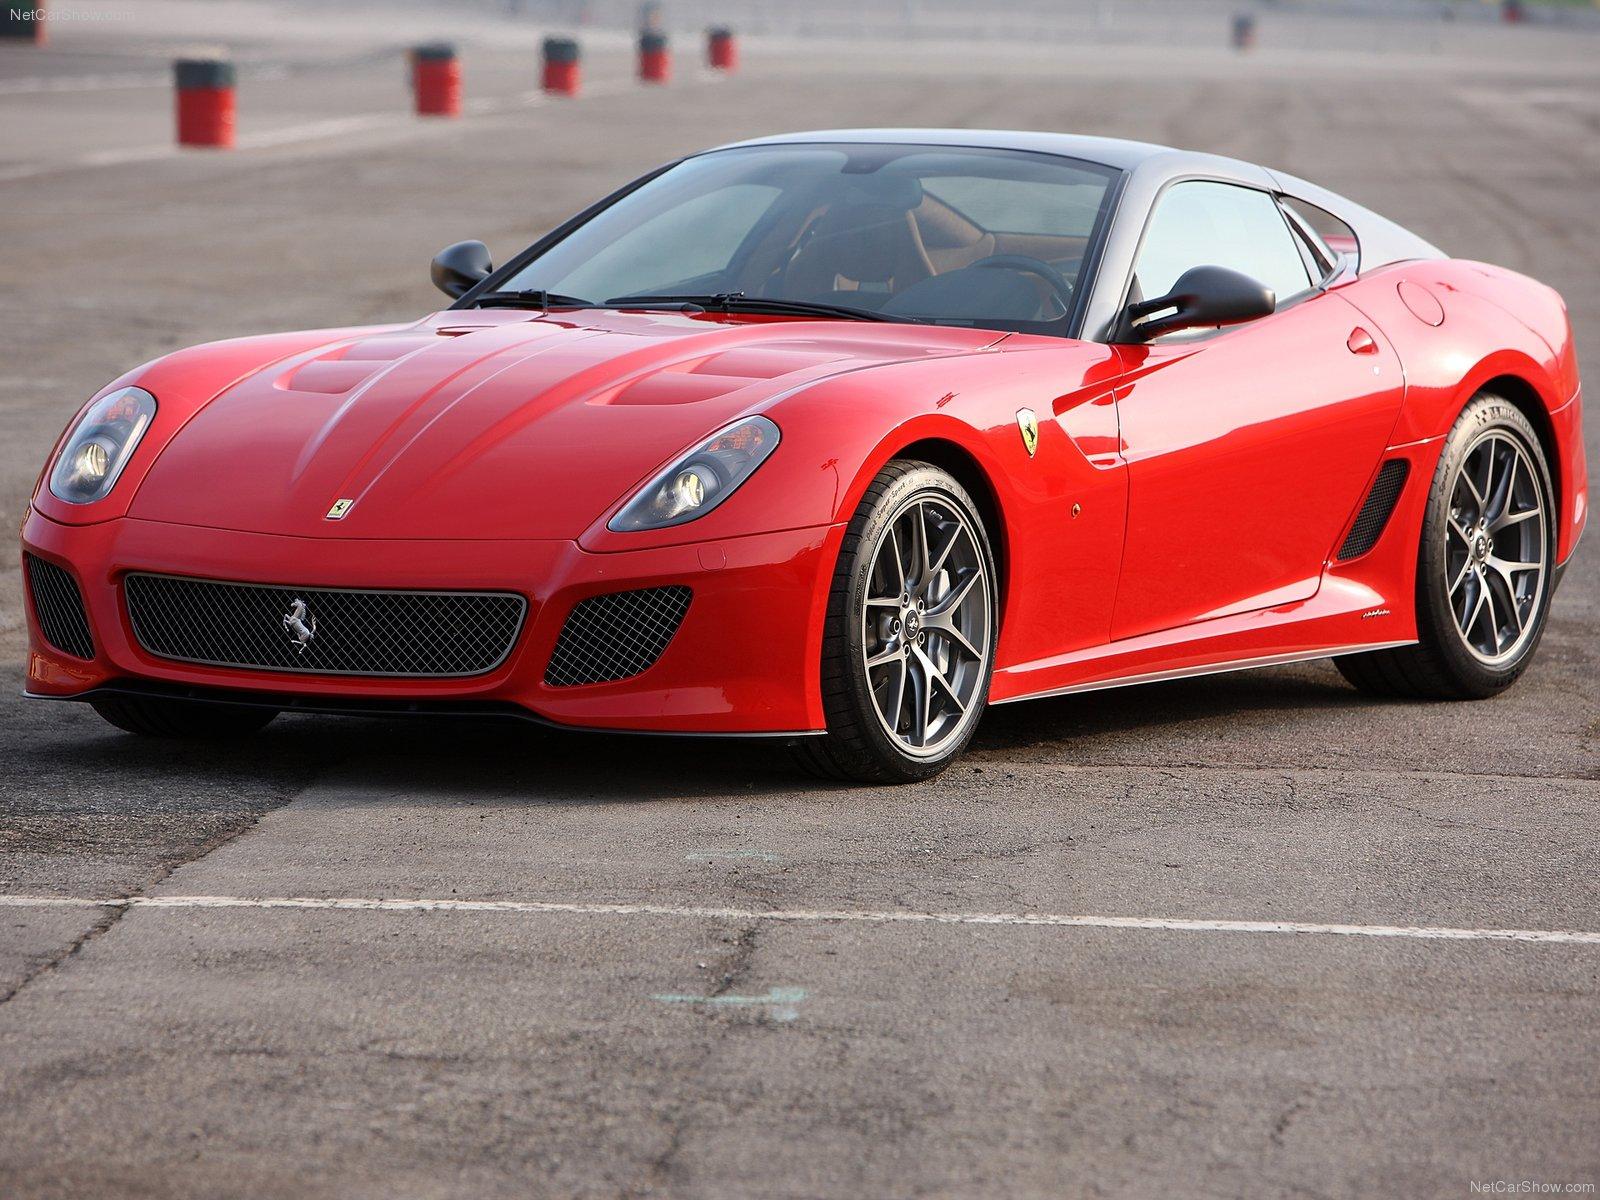 http://1.bp.blogspot.com/-XGIyNzM9KQs/TcQhwXGBanI/AAAAAAAAARc/76tkgtPRkCw/s1600/Ferrari-599_GTO_2011_1600x1200_wallpaper_04.jpg